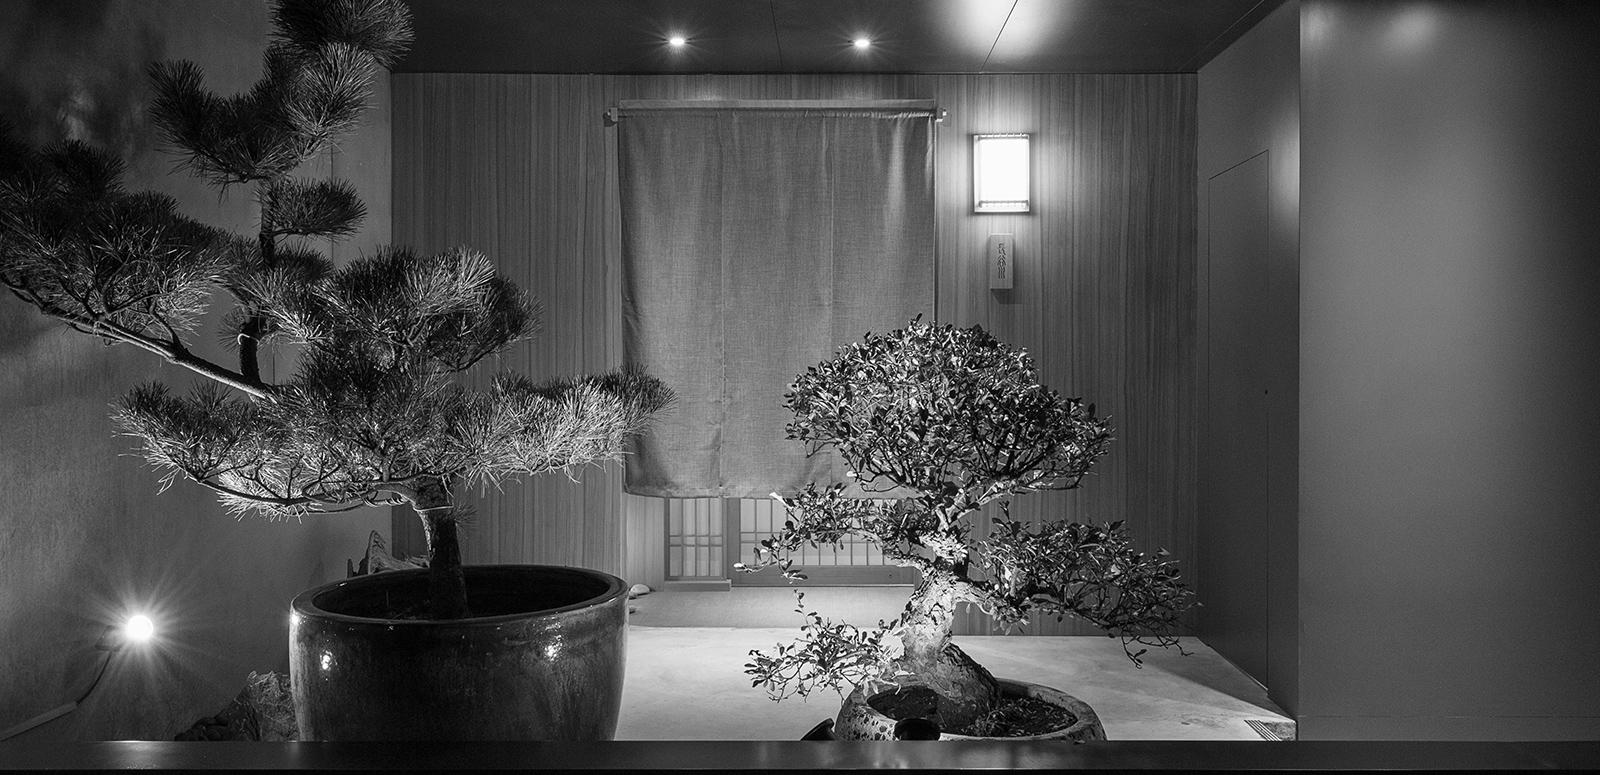 商業空間, 室內裝修, 室內設計, 限時優惠, 庭院植物規劃購置